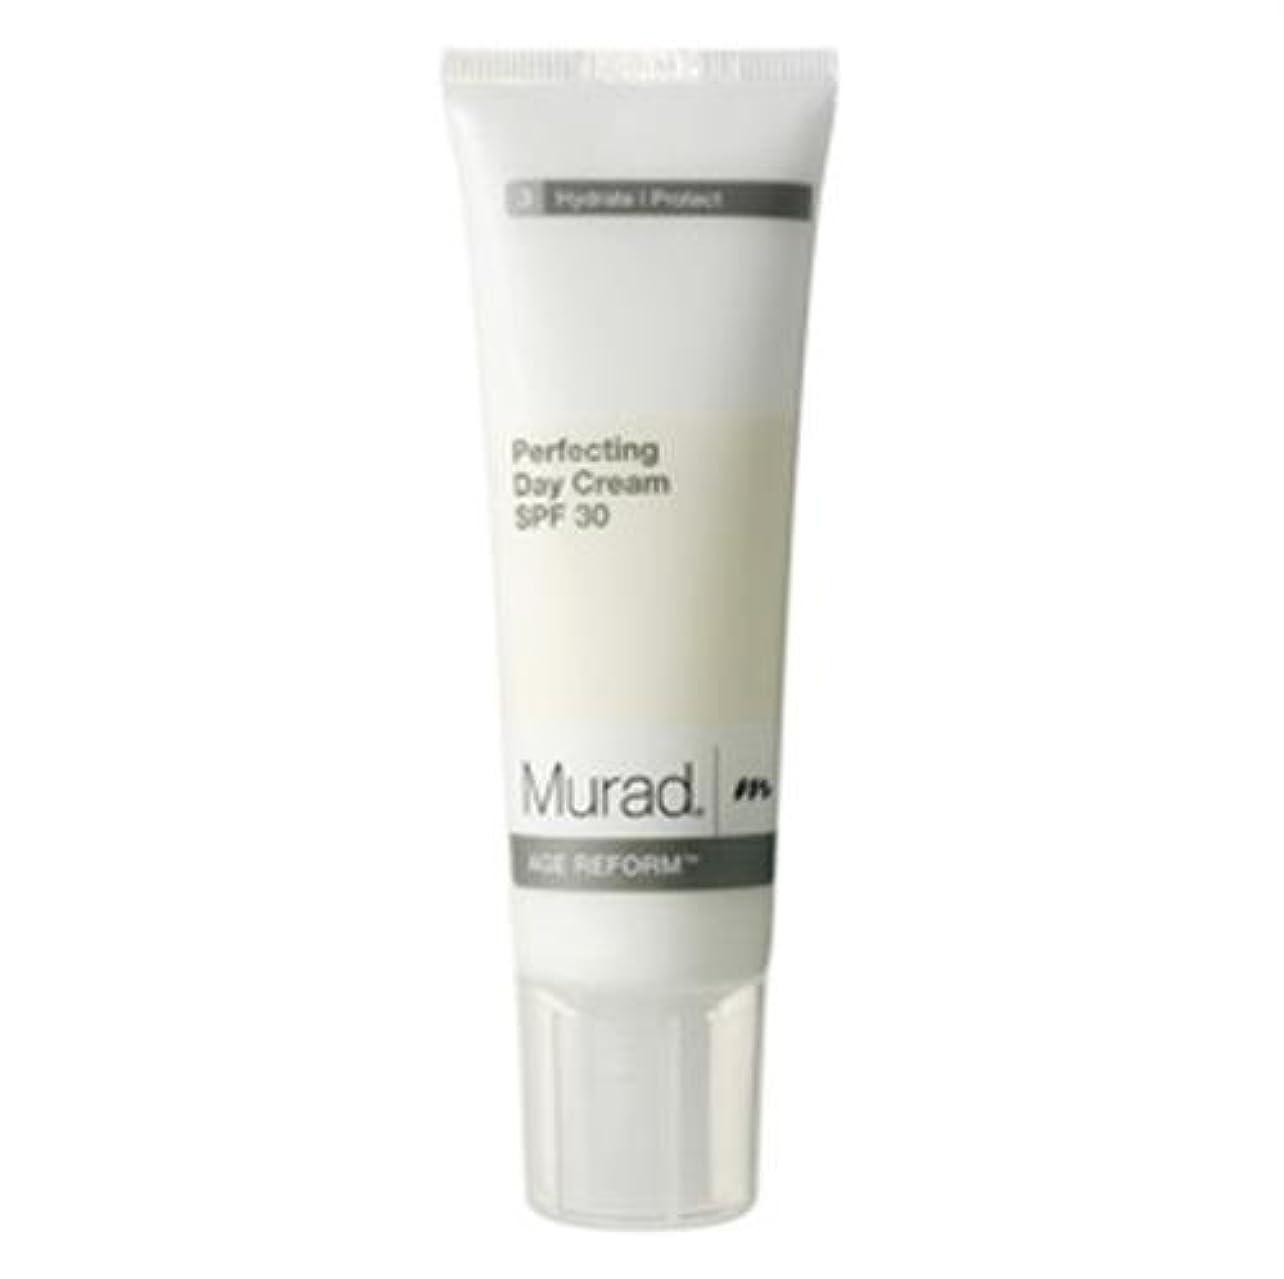 承認承認時制ミュラド Perfecting Day Cream SPF30 - Dry/Sensitive Skin (Exp. Date 03/2020) 50ml/1.7oz並行輸入品